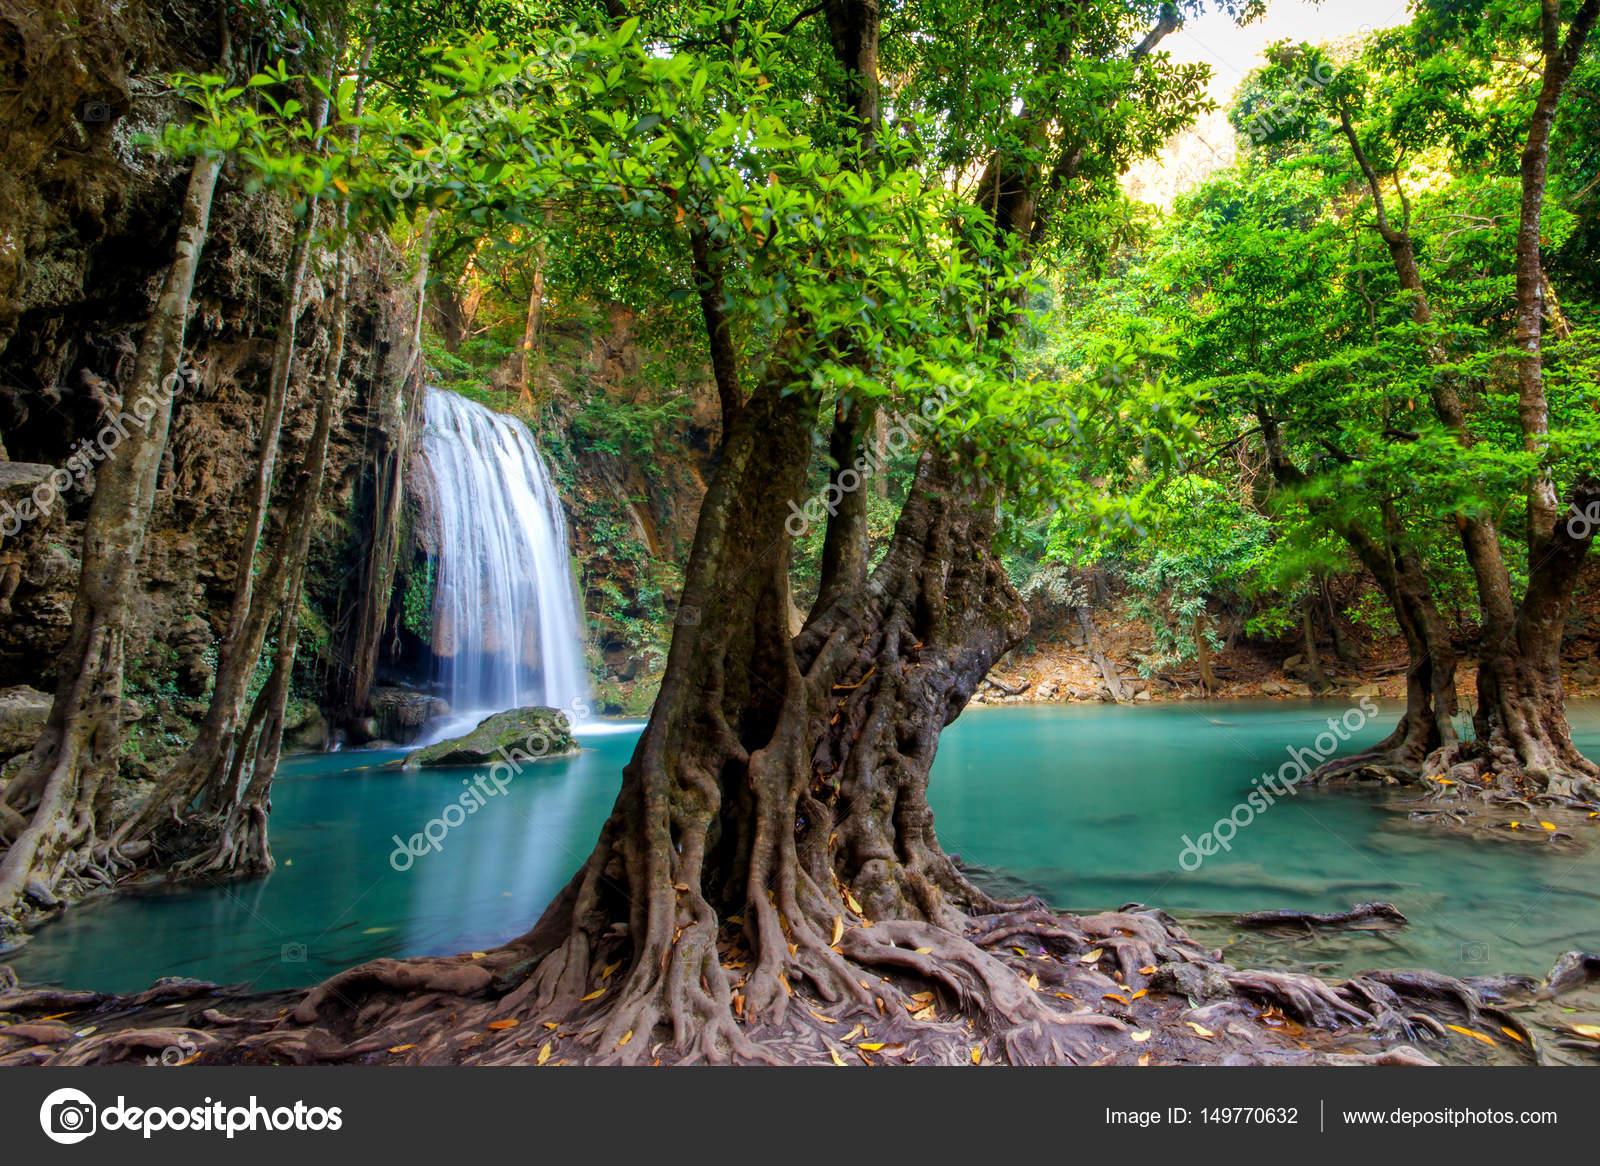 Imágenes: Paisajes De Bosques Lluviosos